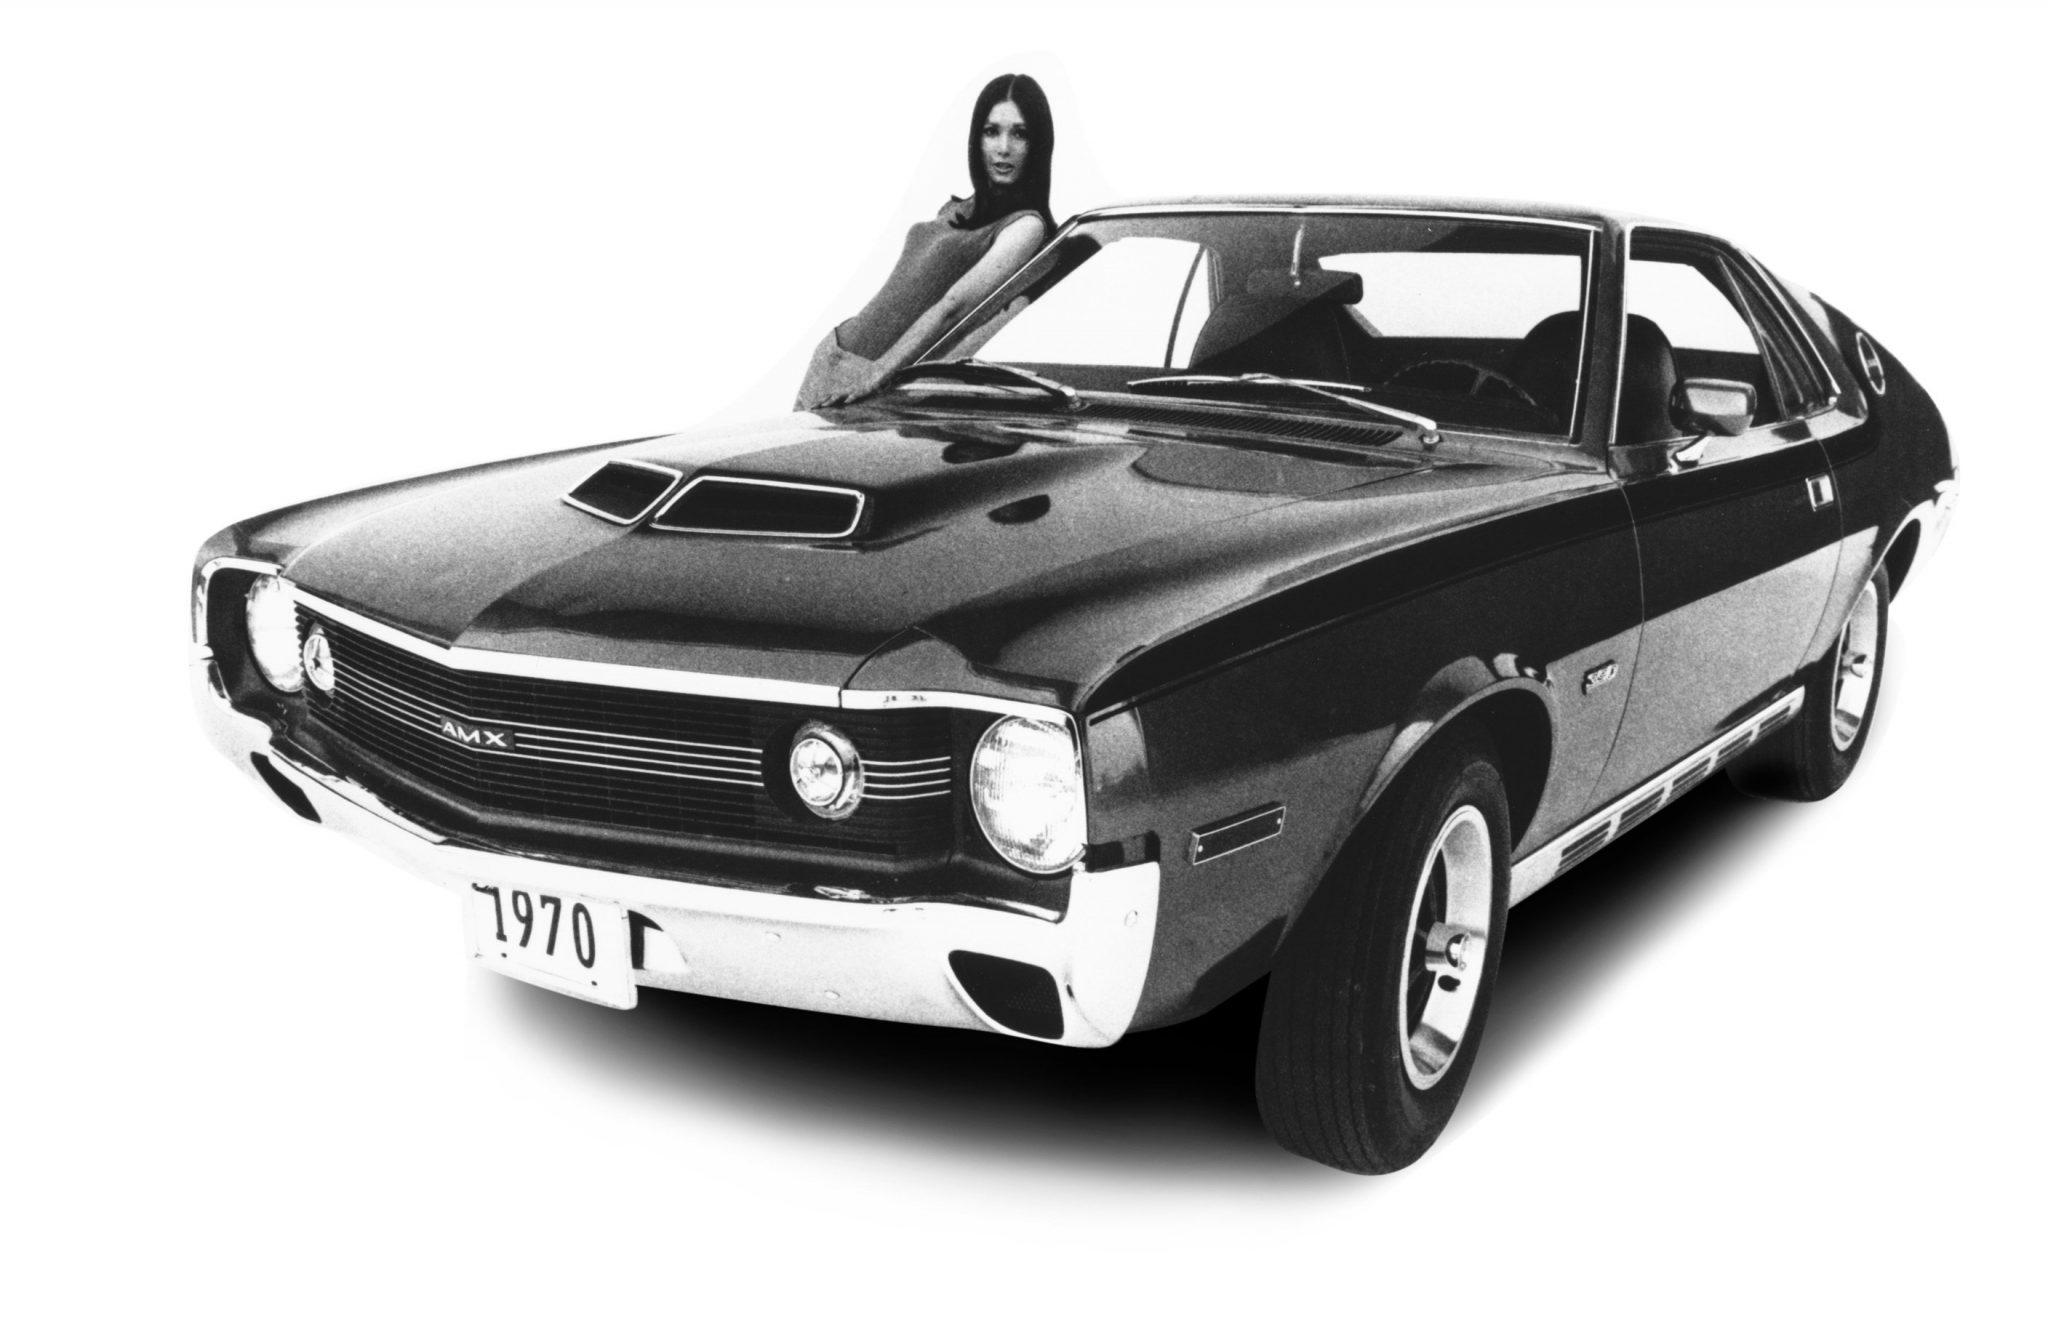 1970 model year AMX